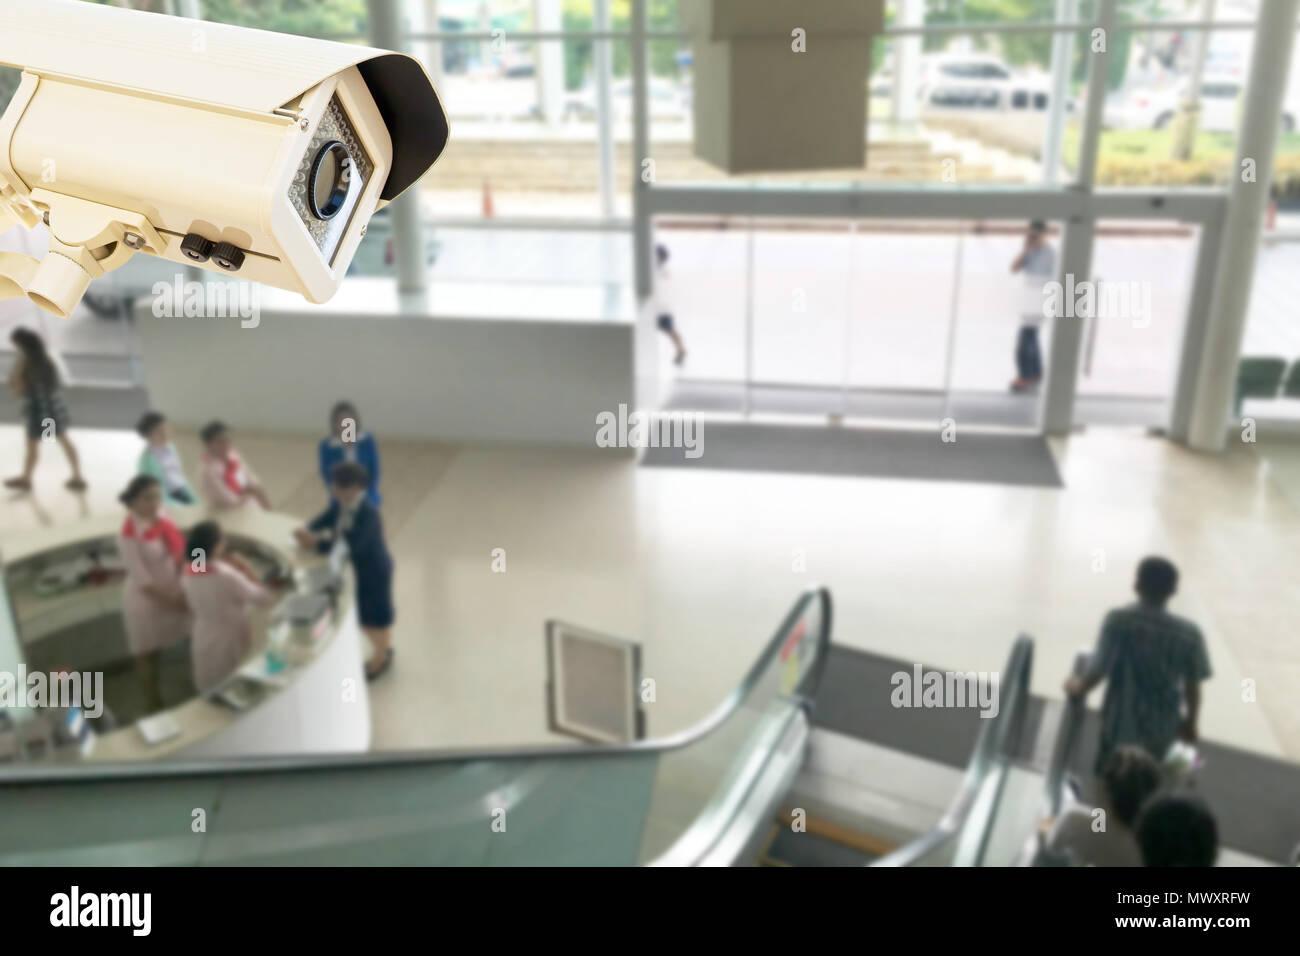 Den CCTV-Kamera im Zentrum Öffentlichkeitsarbeit Krankenhaus blur Hintergrund. Stockfoto